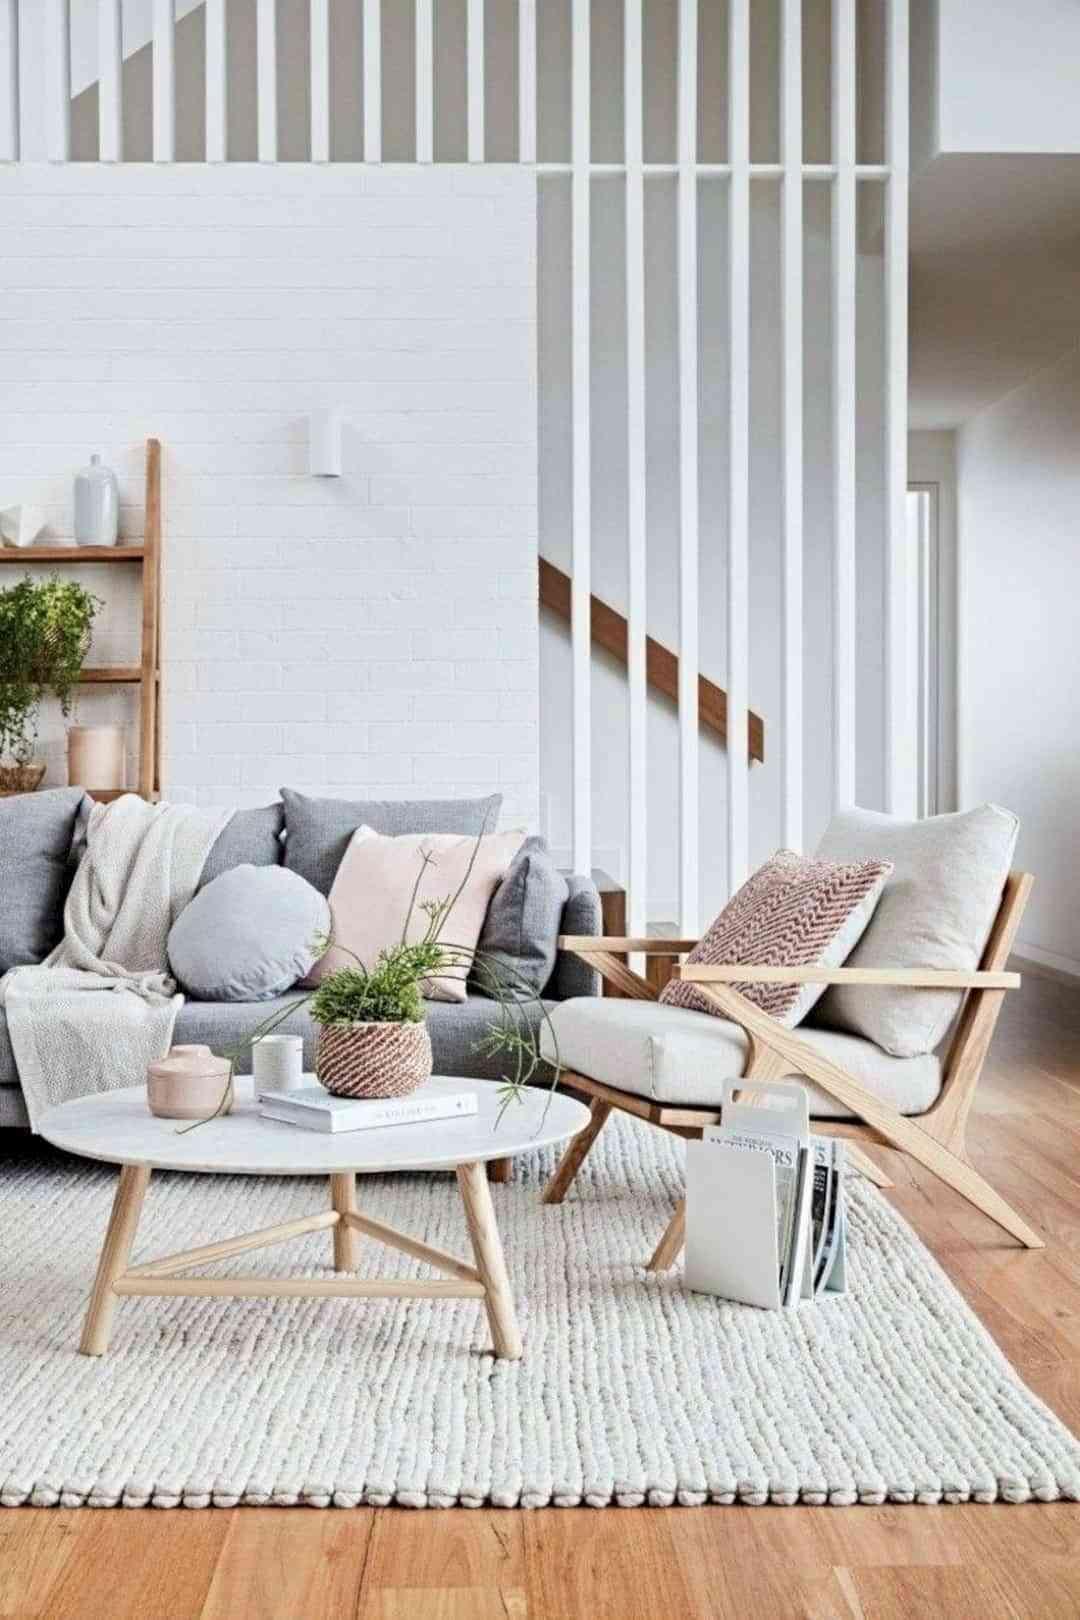 Mesas de centro de estilo nórdico